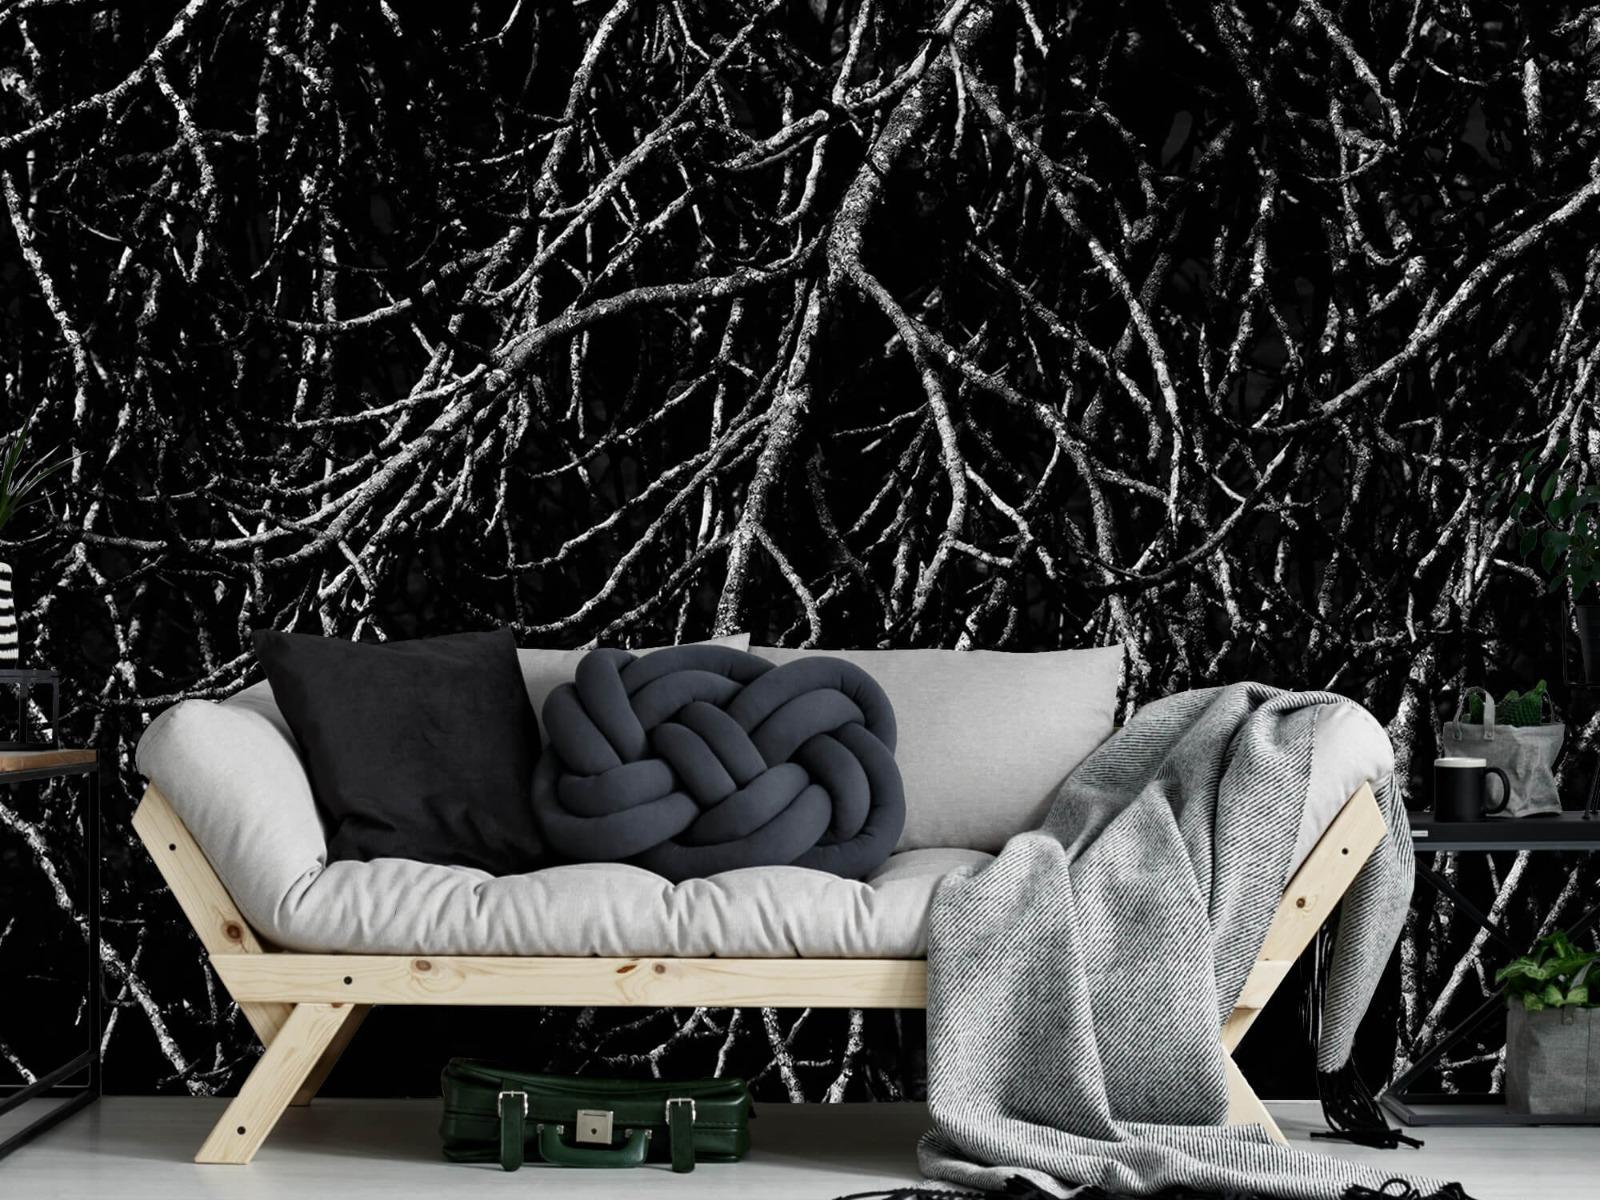 Zwart Wit behang - Boomtakken in zwart wit - Magazijn 7